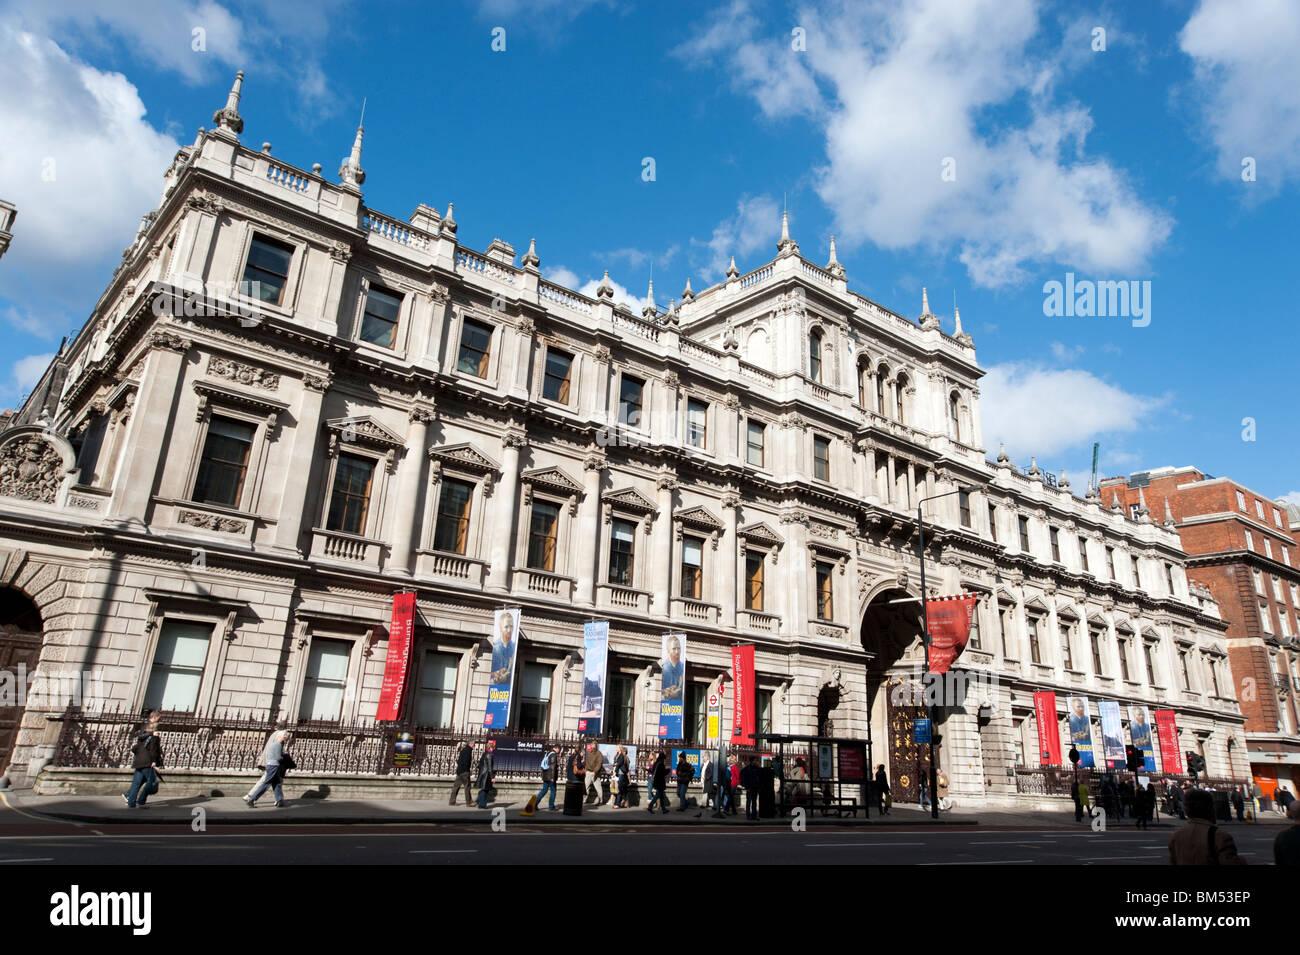 La Royal Academy of Arts, Piccadilly, Londres, Inglaterra, Reino Unido. Imagen De Stock